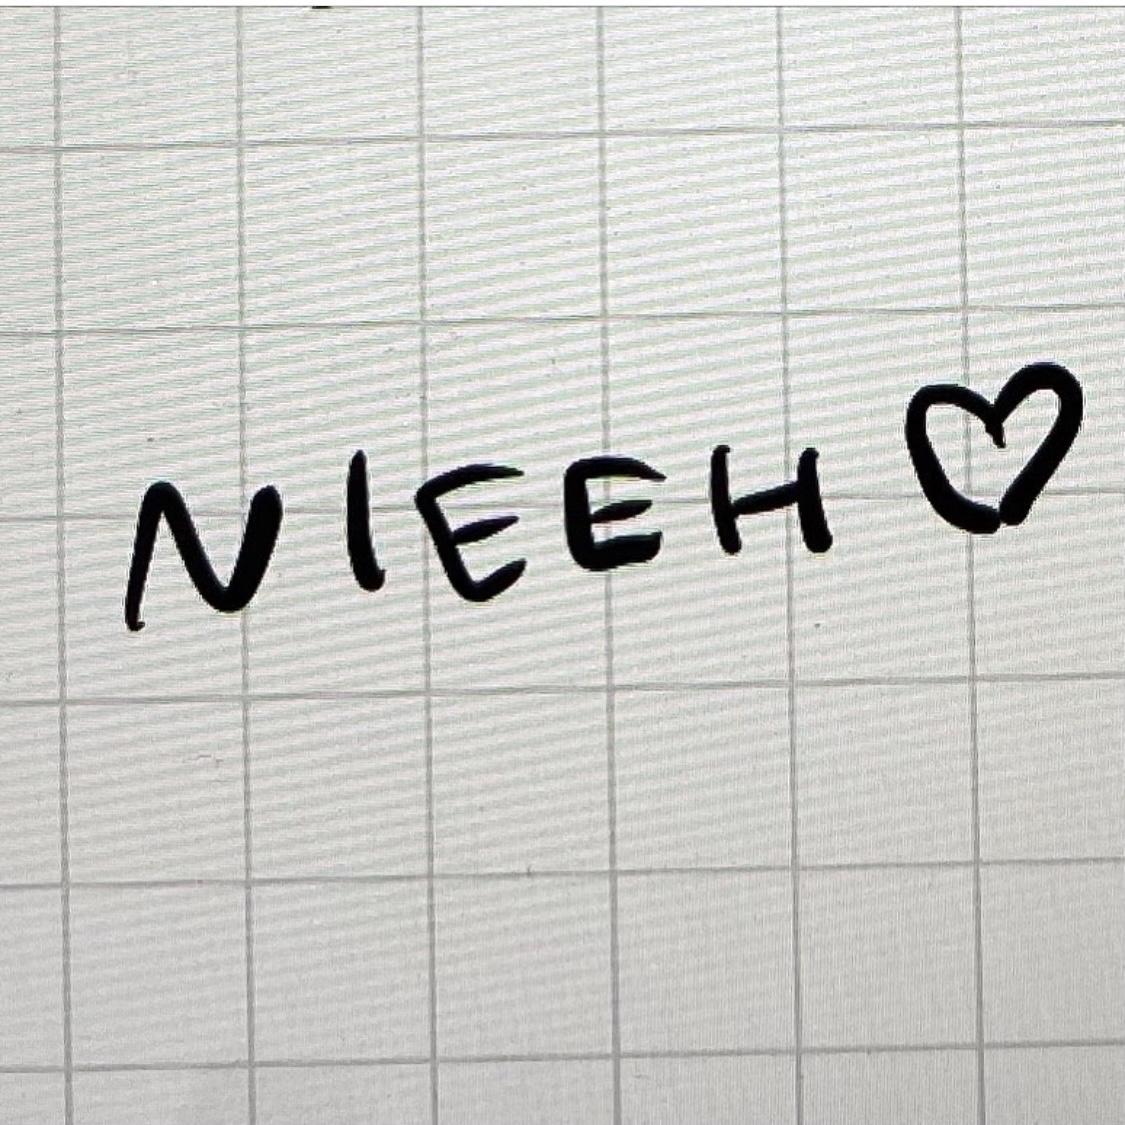 NIEEH